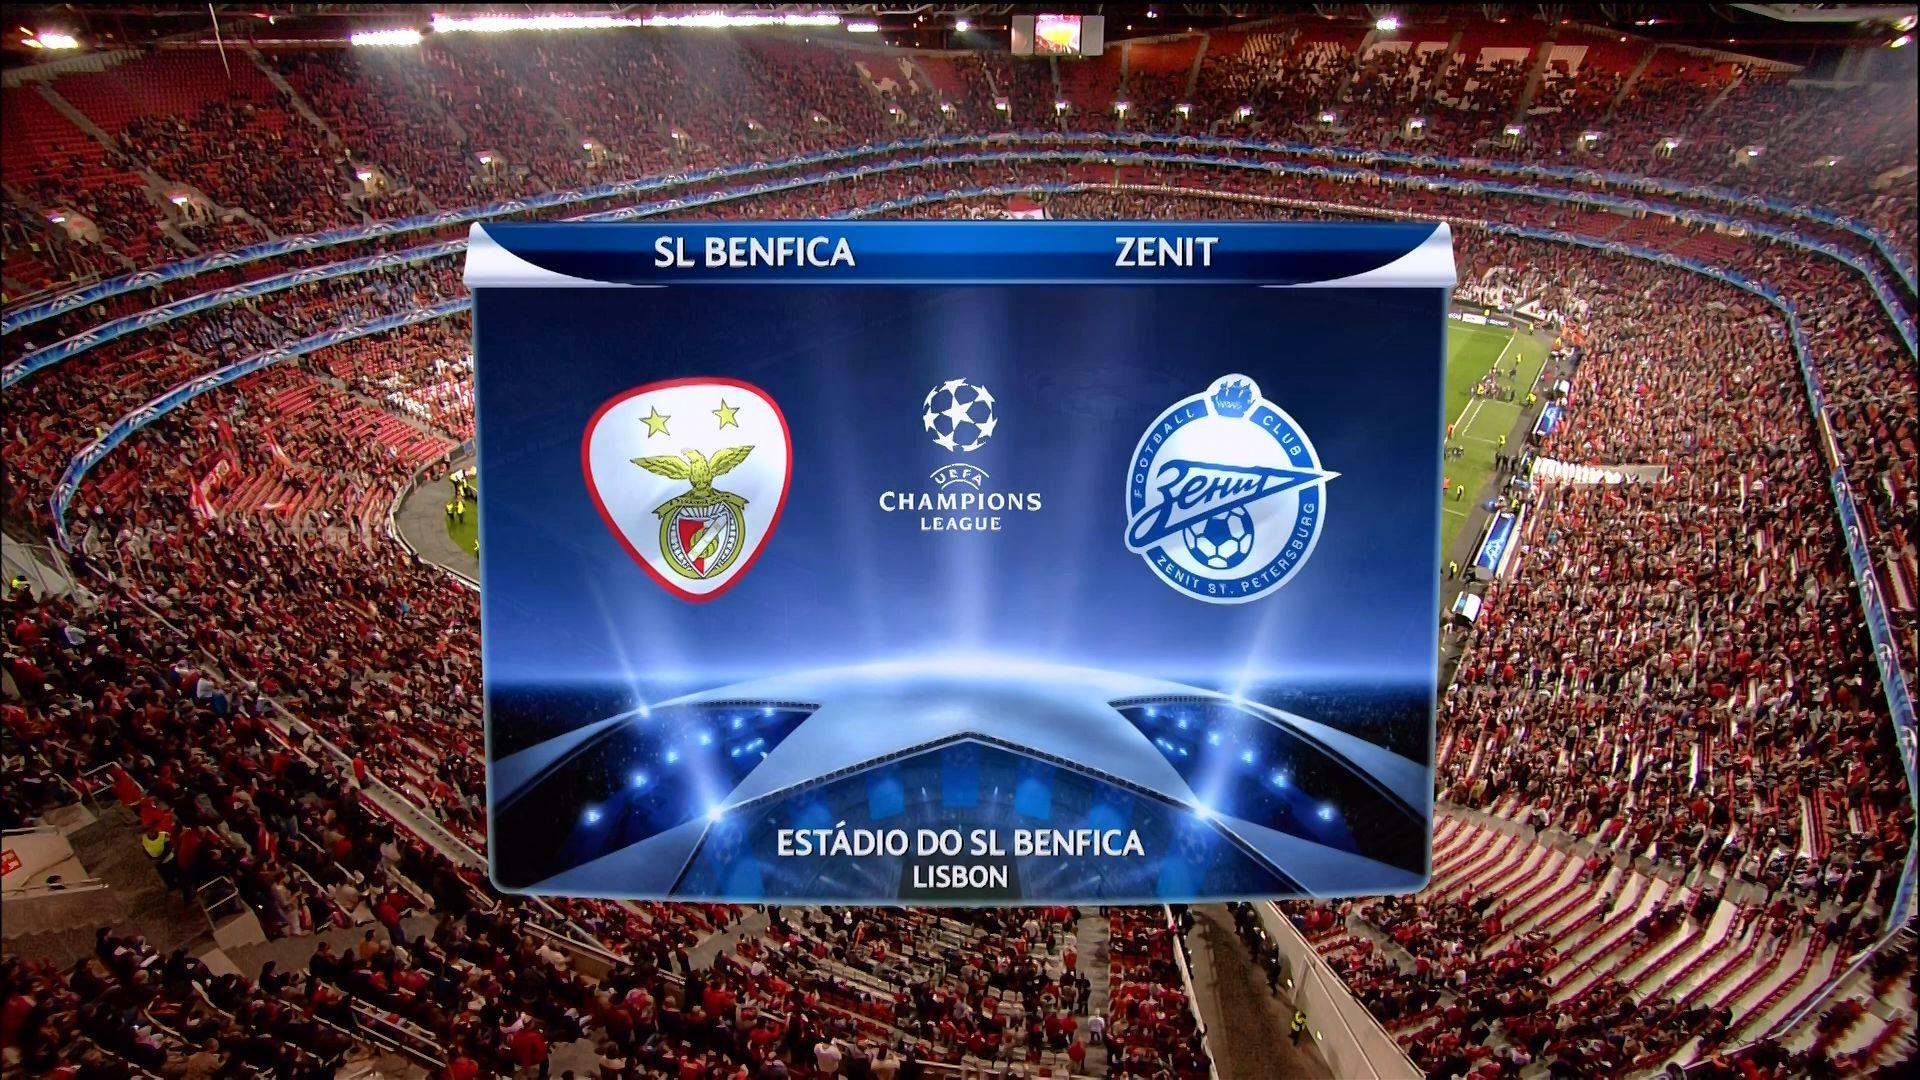 Лига чемпионов. Бенфика — Зенит. Прогноз на матч 16.02.2016